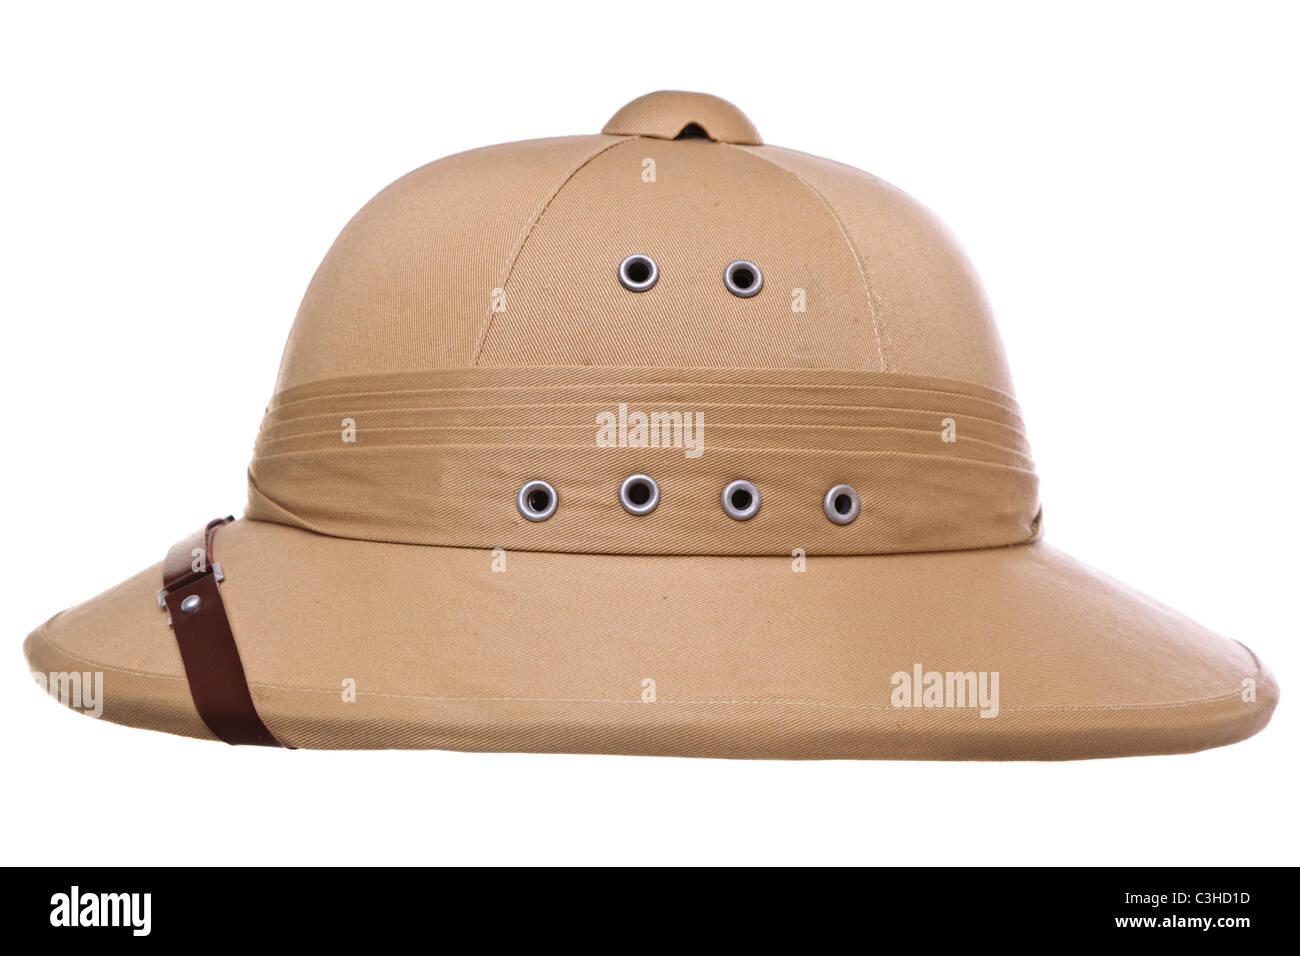 b613a88a38b64 Photo of a pith helmet cut out on a white background - Stock Image